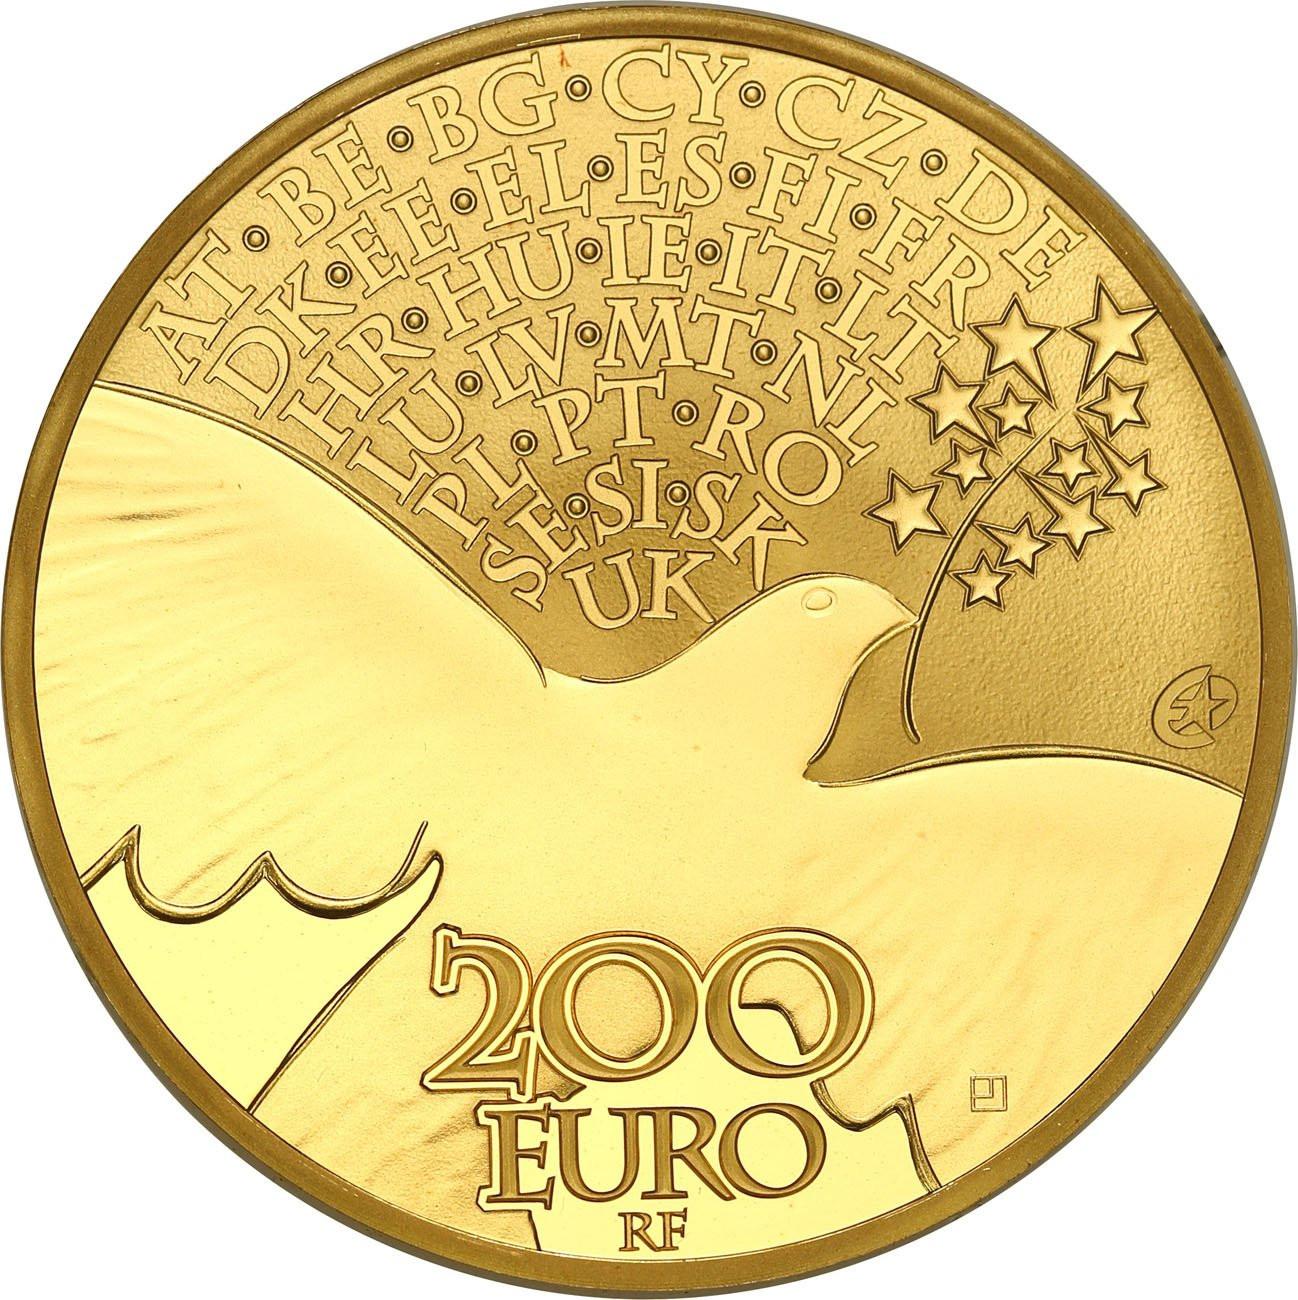 Francja 200 euro 2015 Europa TYLKO 500 szt - 1 Uncja złota